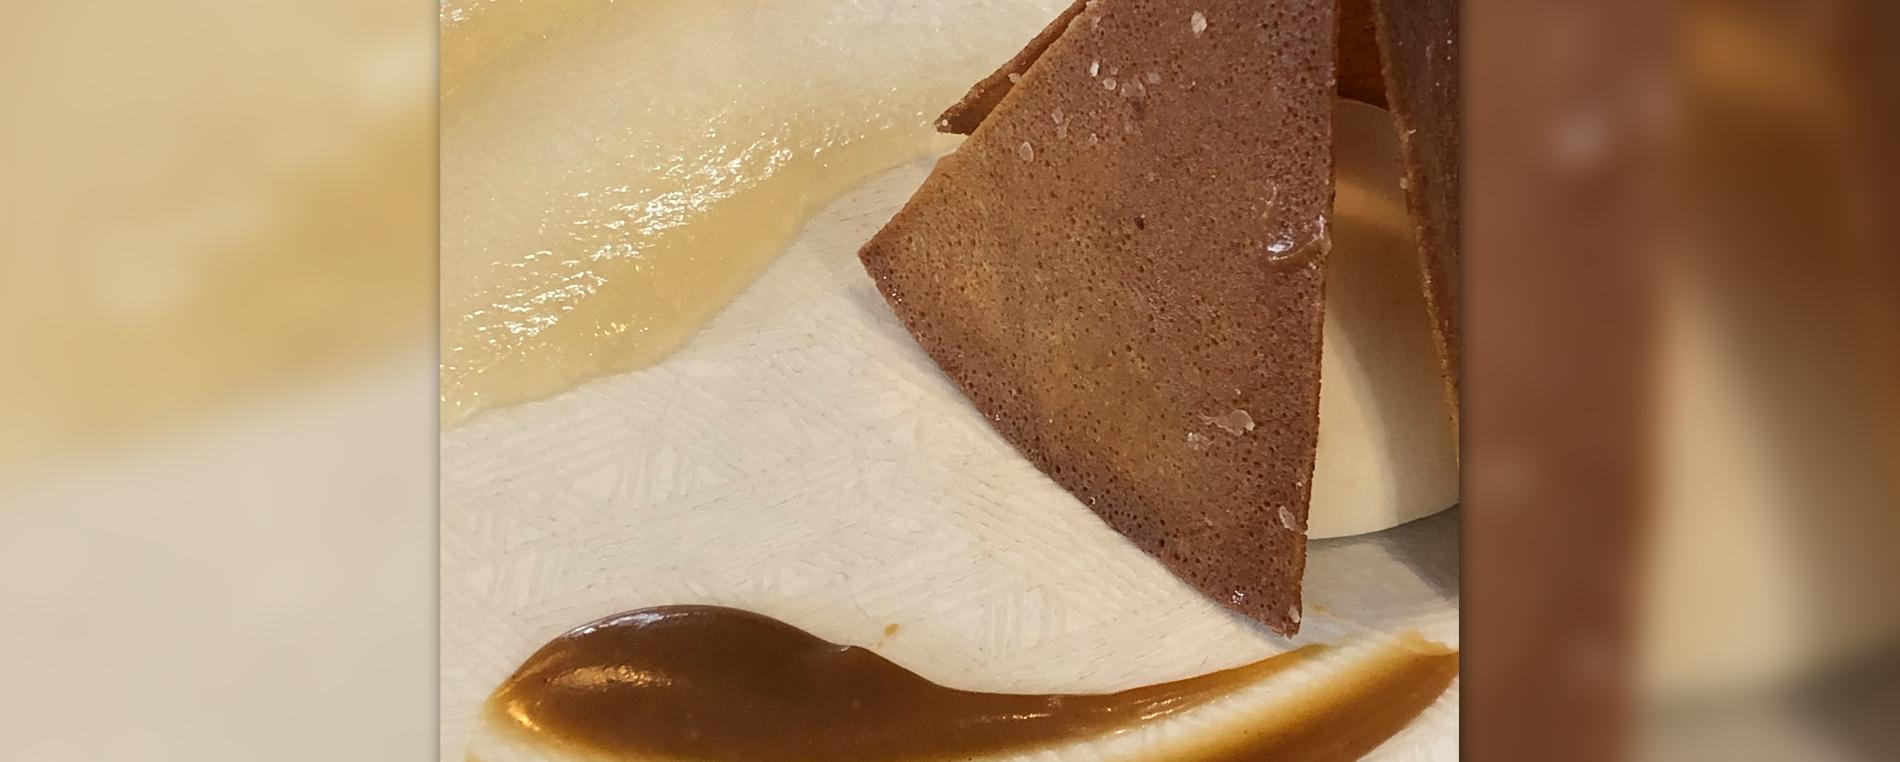 Notre recette du mois : crêpe croustillante, panna cotta au lait ribot